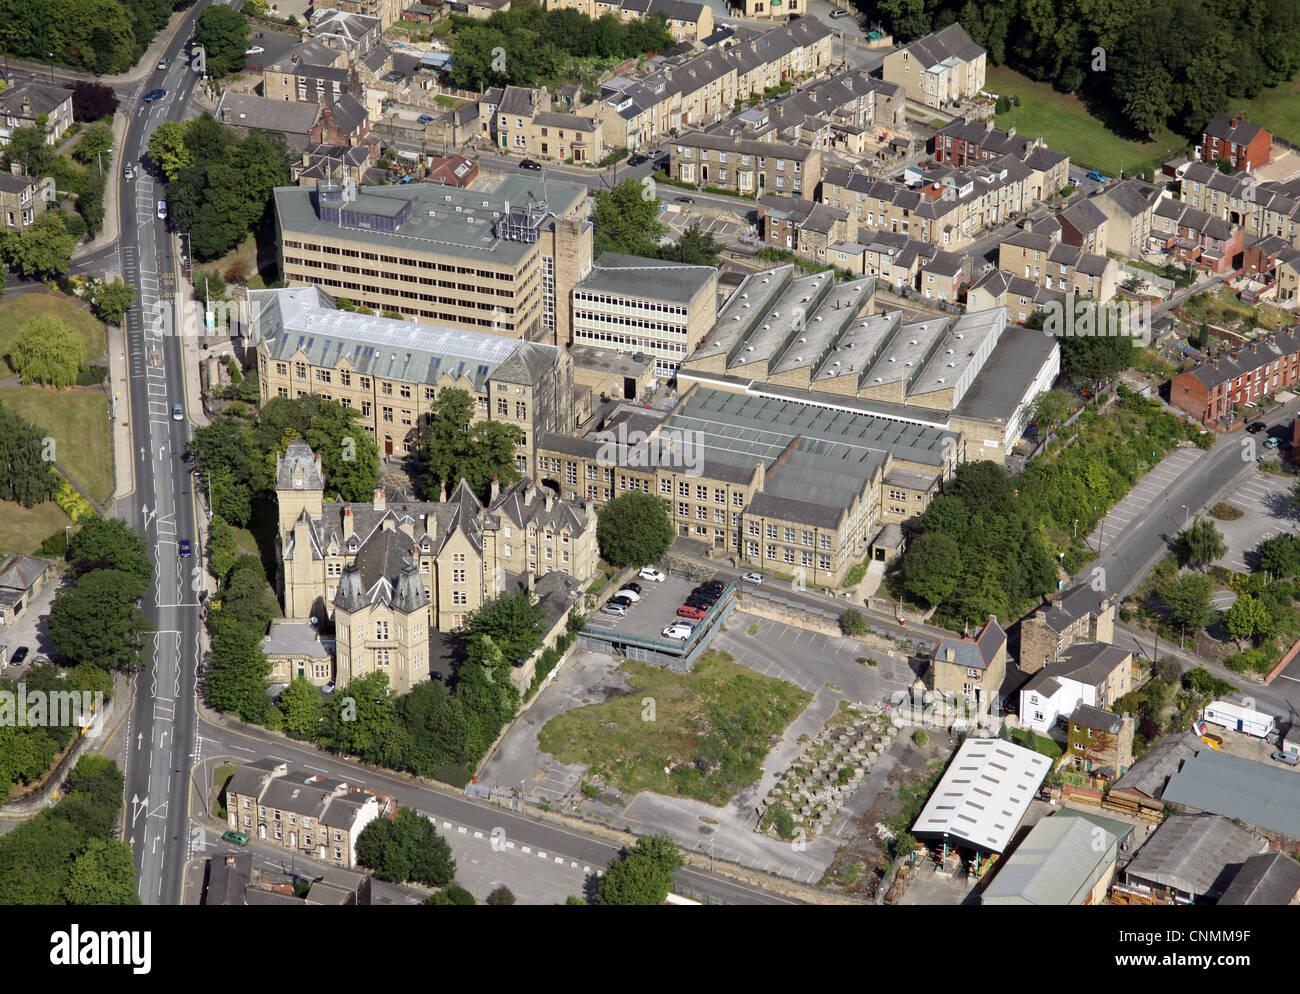 aerial view of Kirklees College, Dewsbury - Stock Image